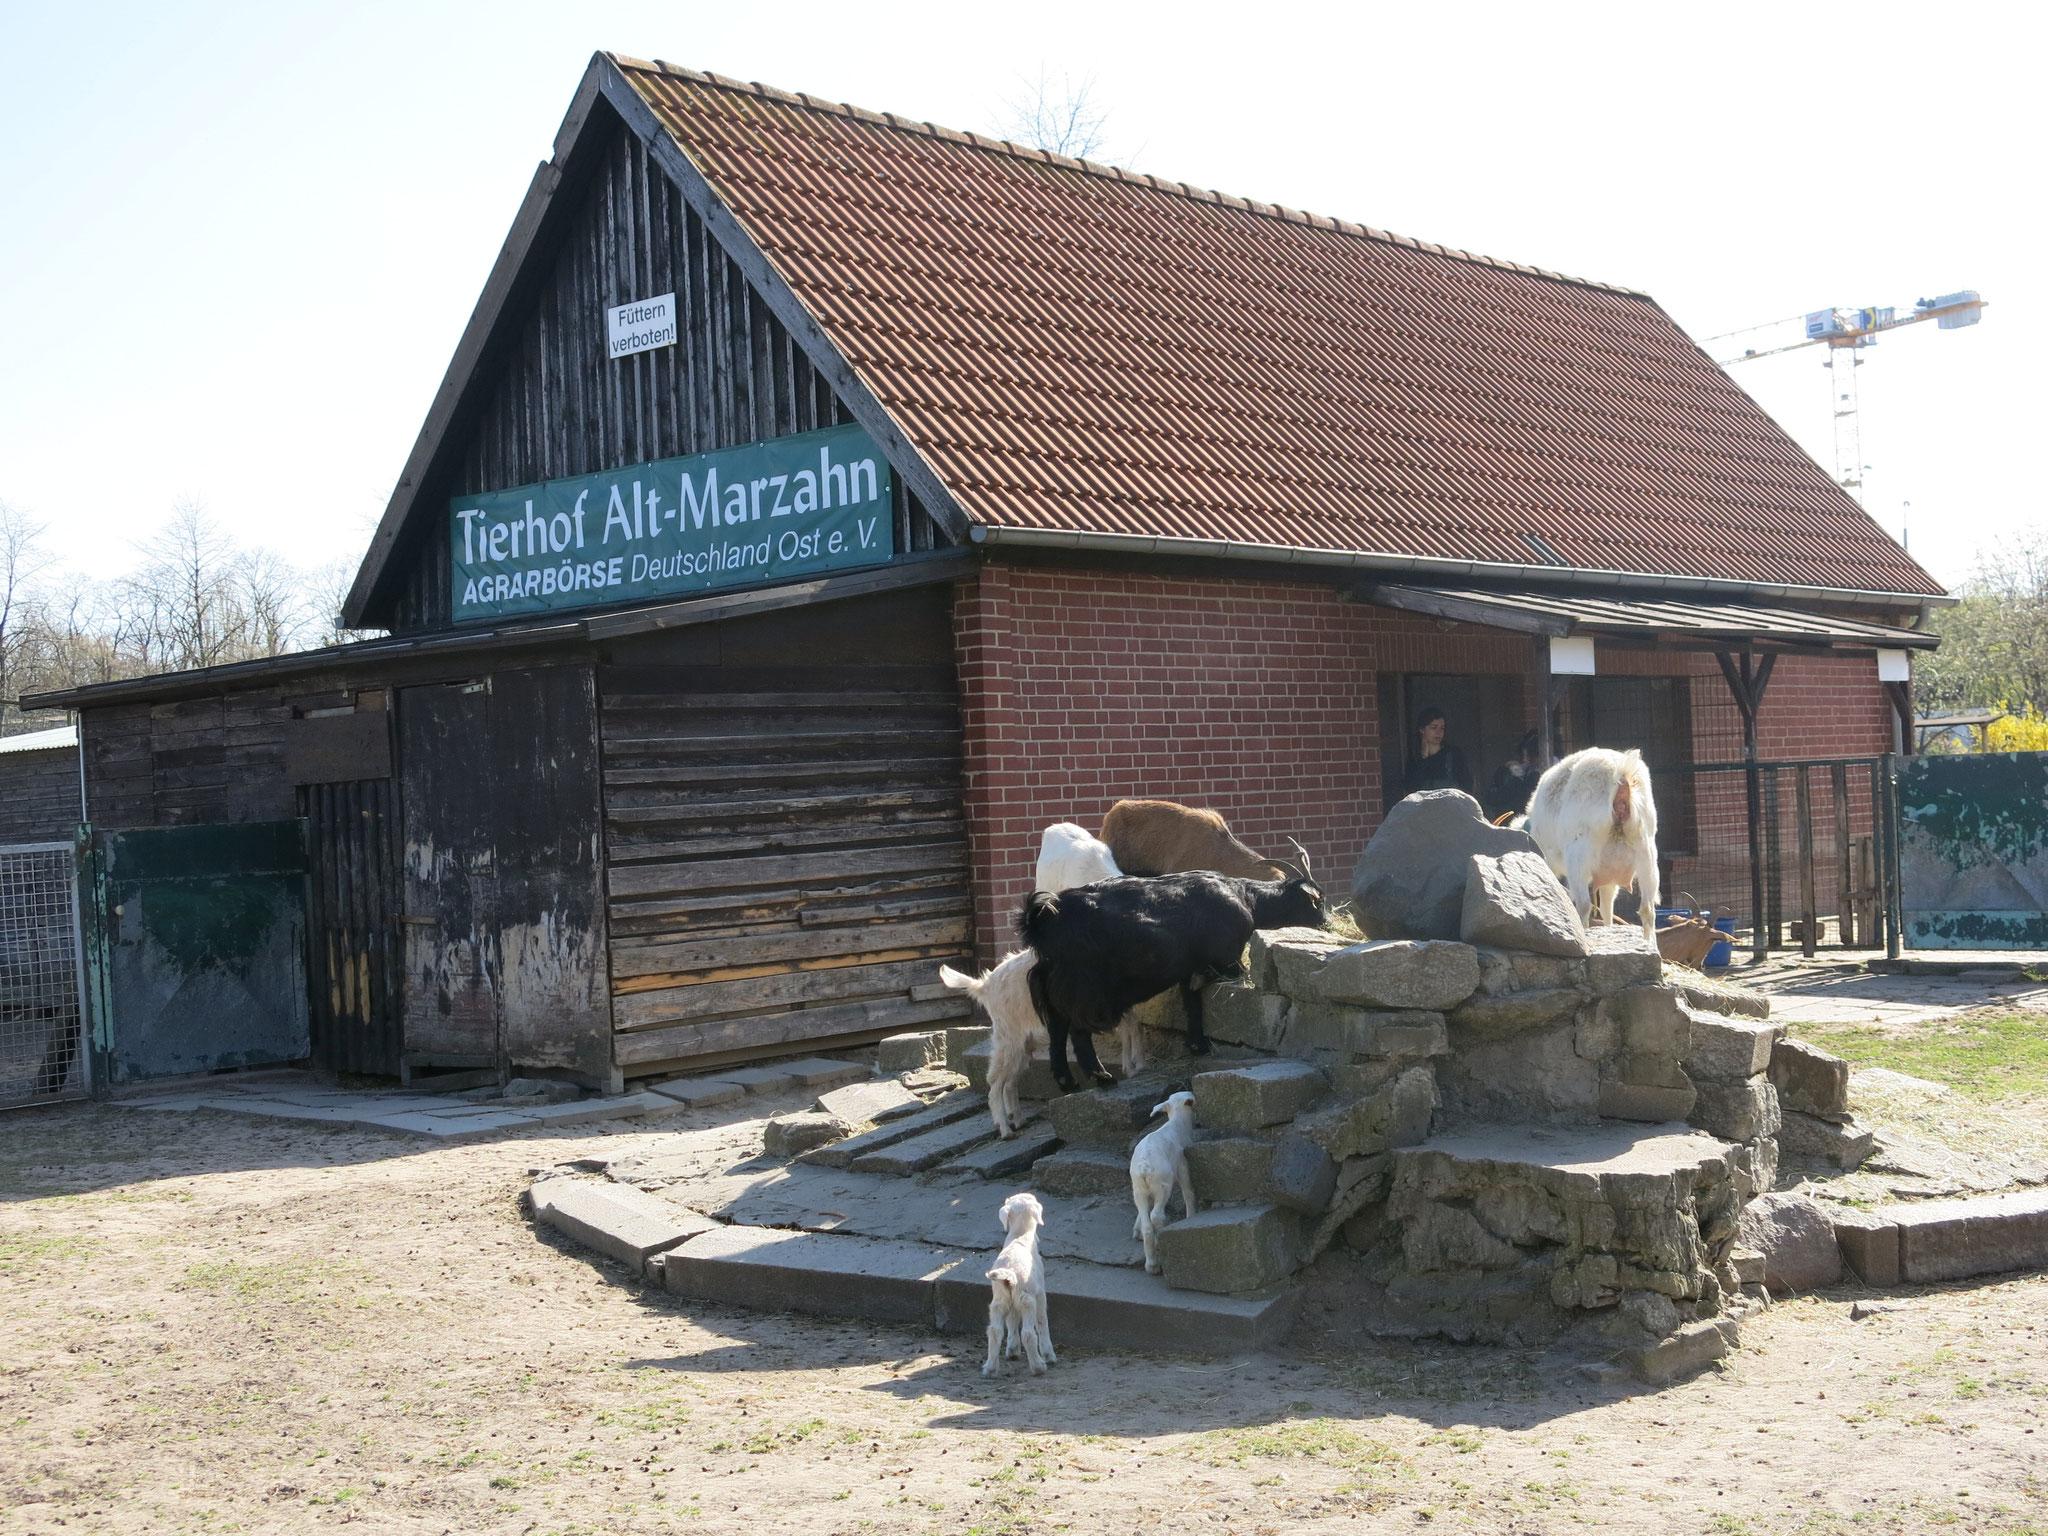 Sa+So, 12.+13.06., 11.00-15.00 Uhr: Besuch auf dem Tierhof in Alt-Marzahn